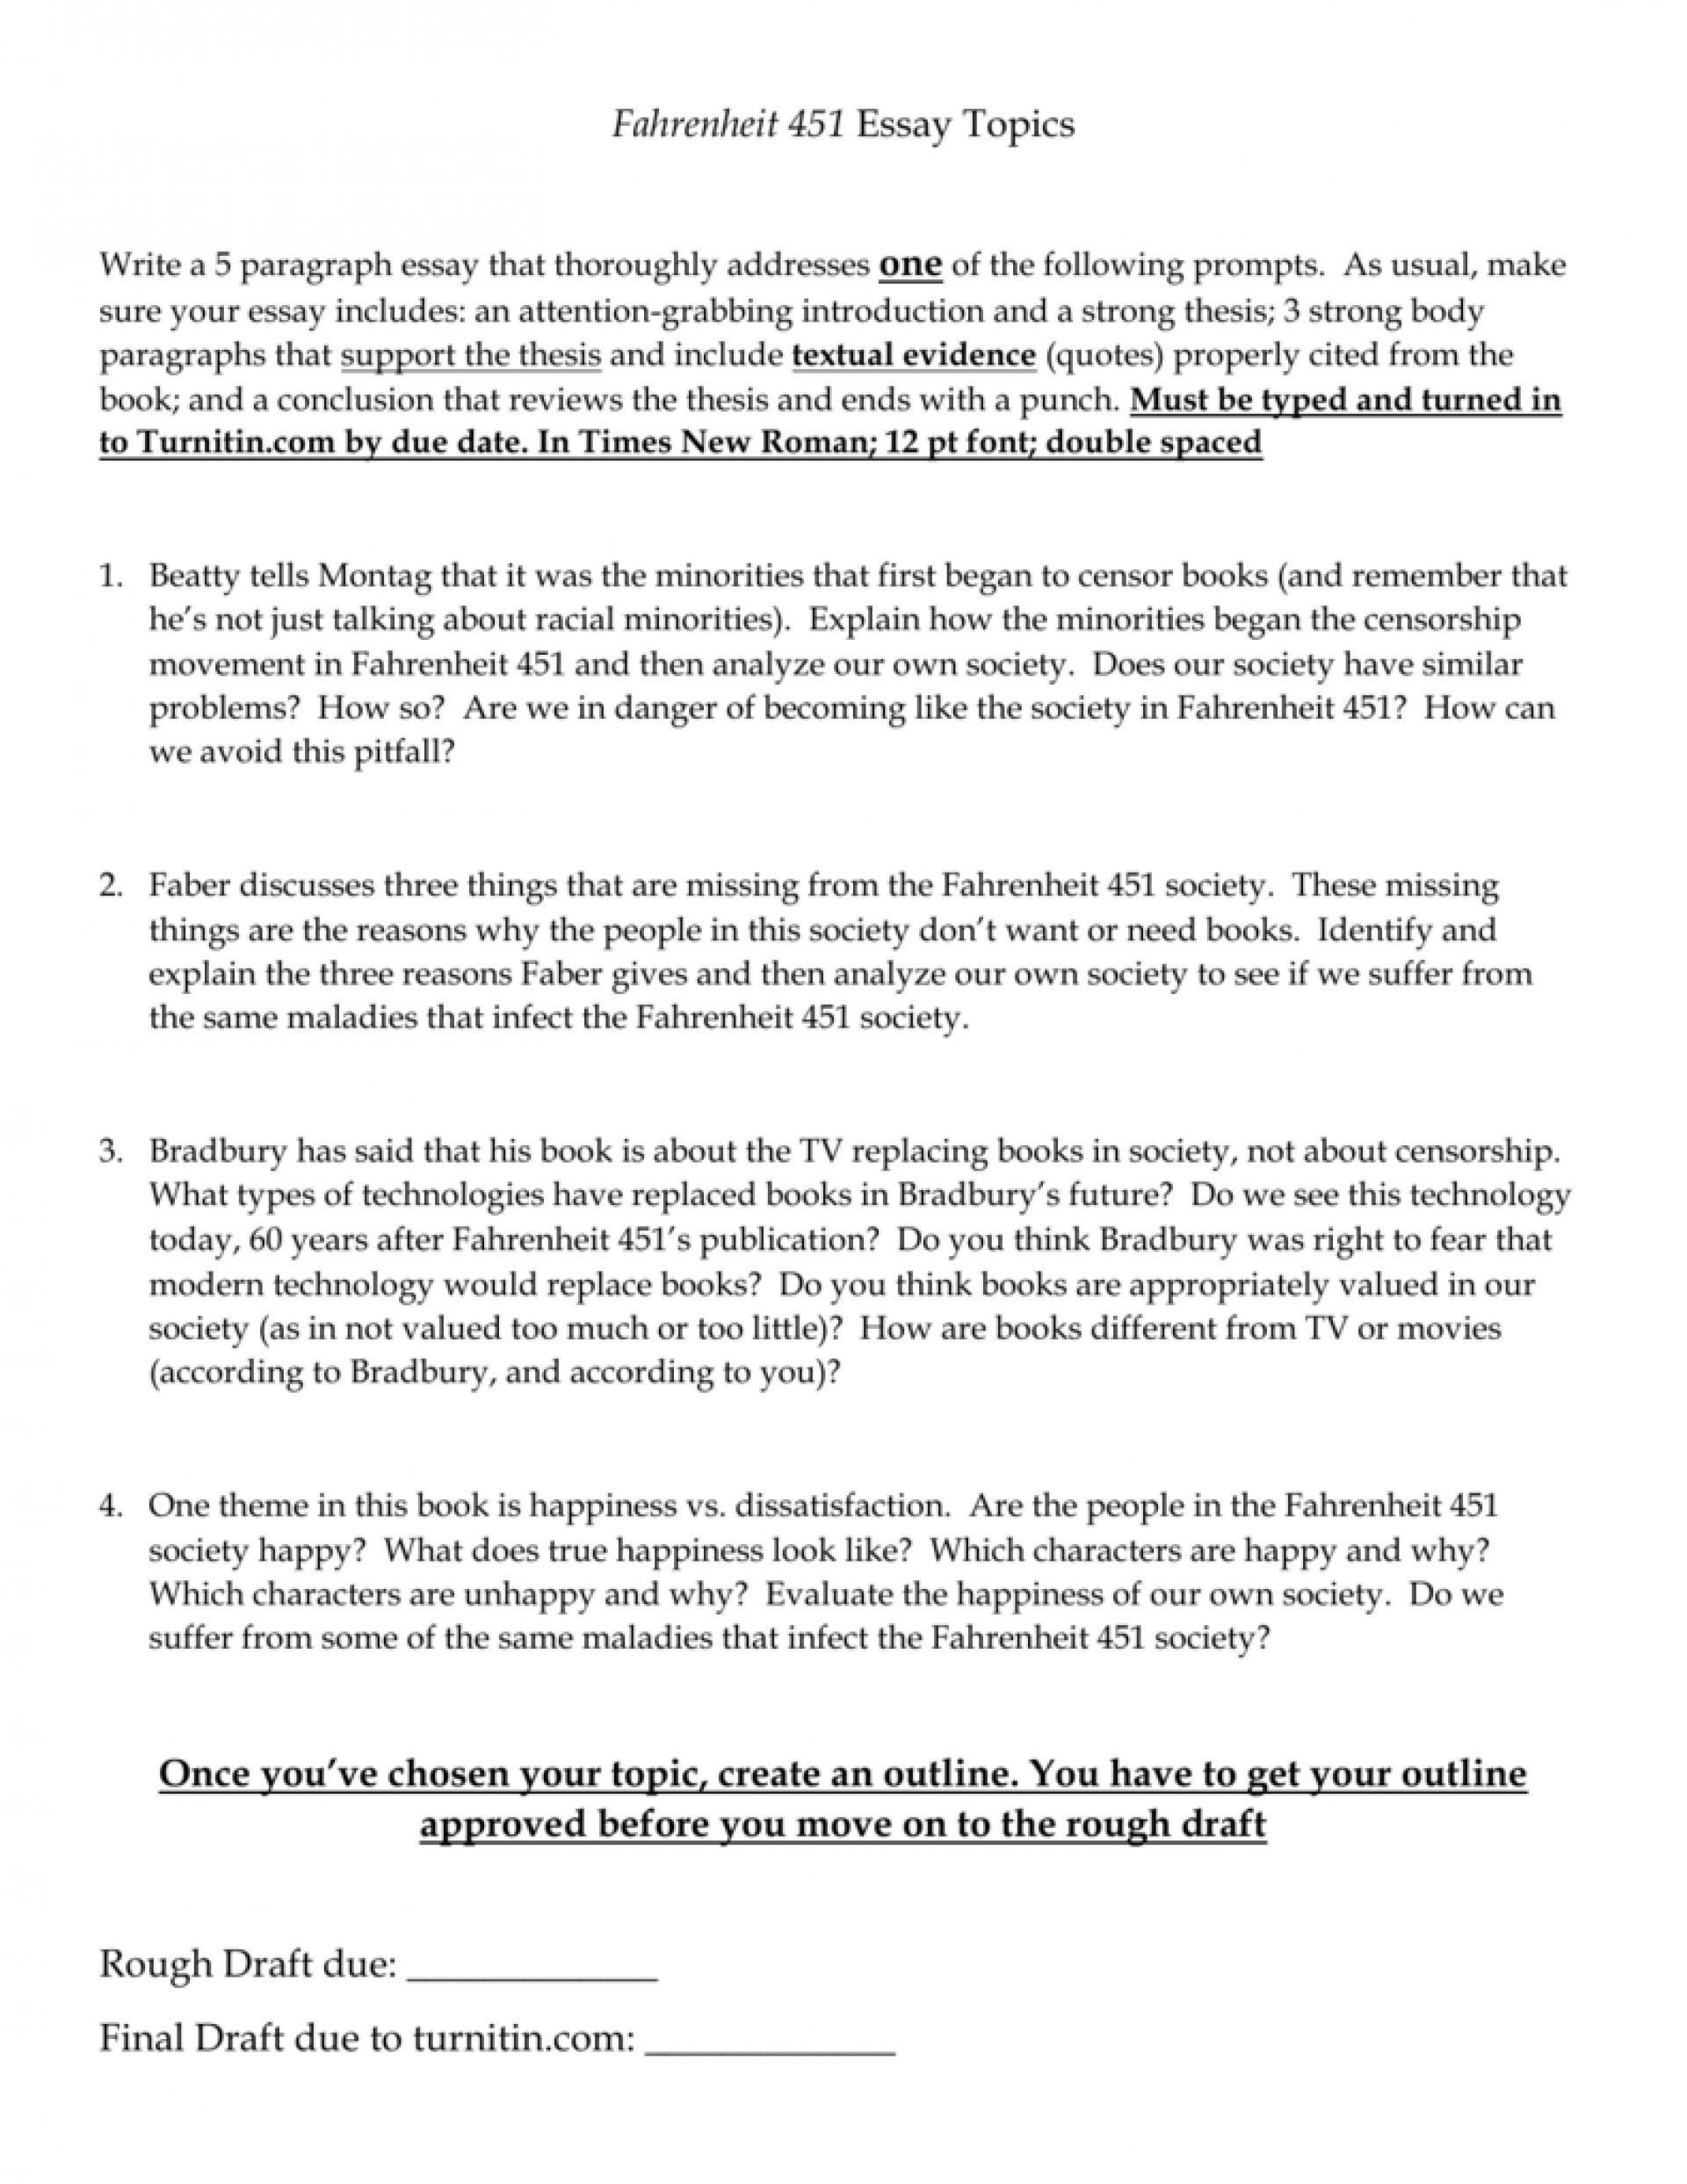 001 006753036 1 Fahrenheit Essay Best 451 Research Paper Topics Prompts Questions Pdf 1920